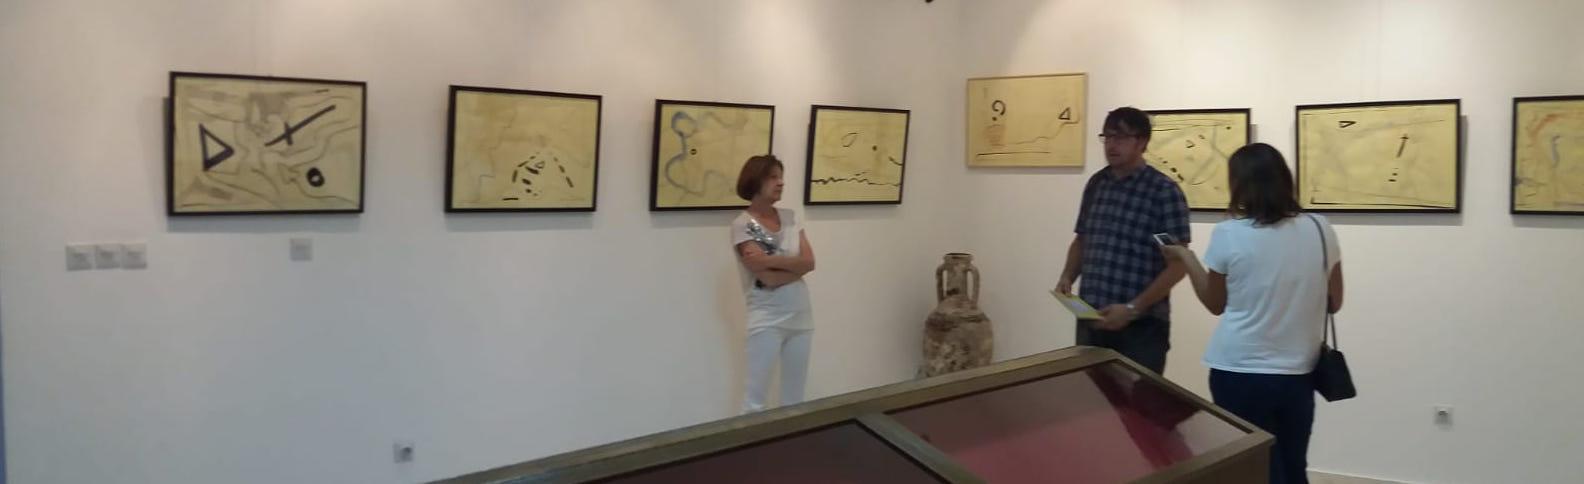 Отворена изложба Ивана Милуновића у Музеју града Пераста